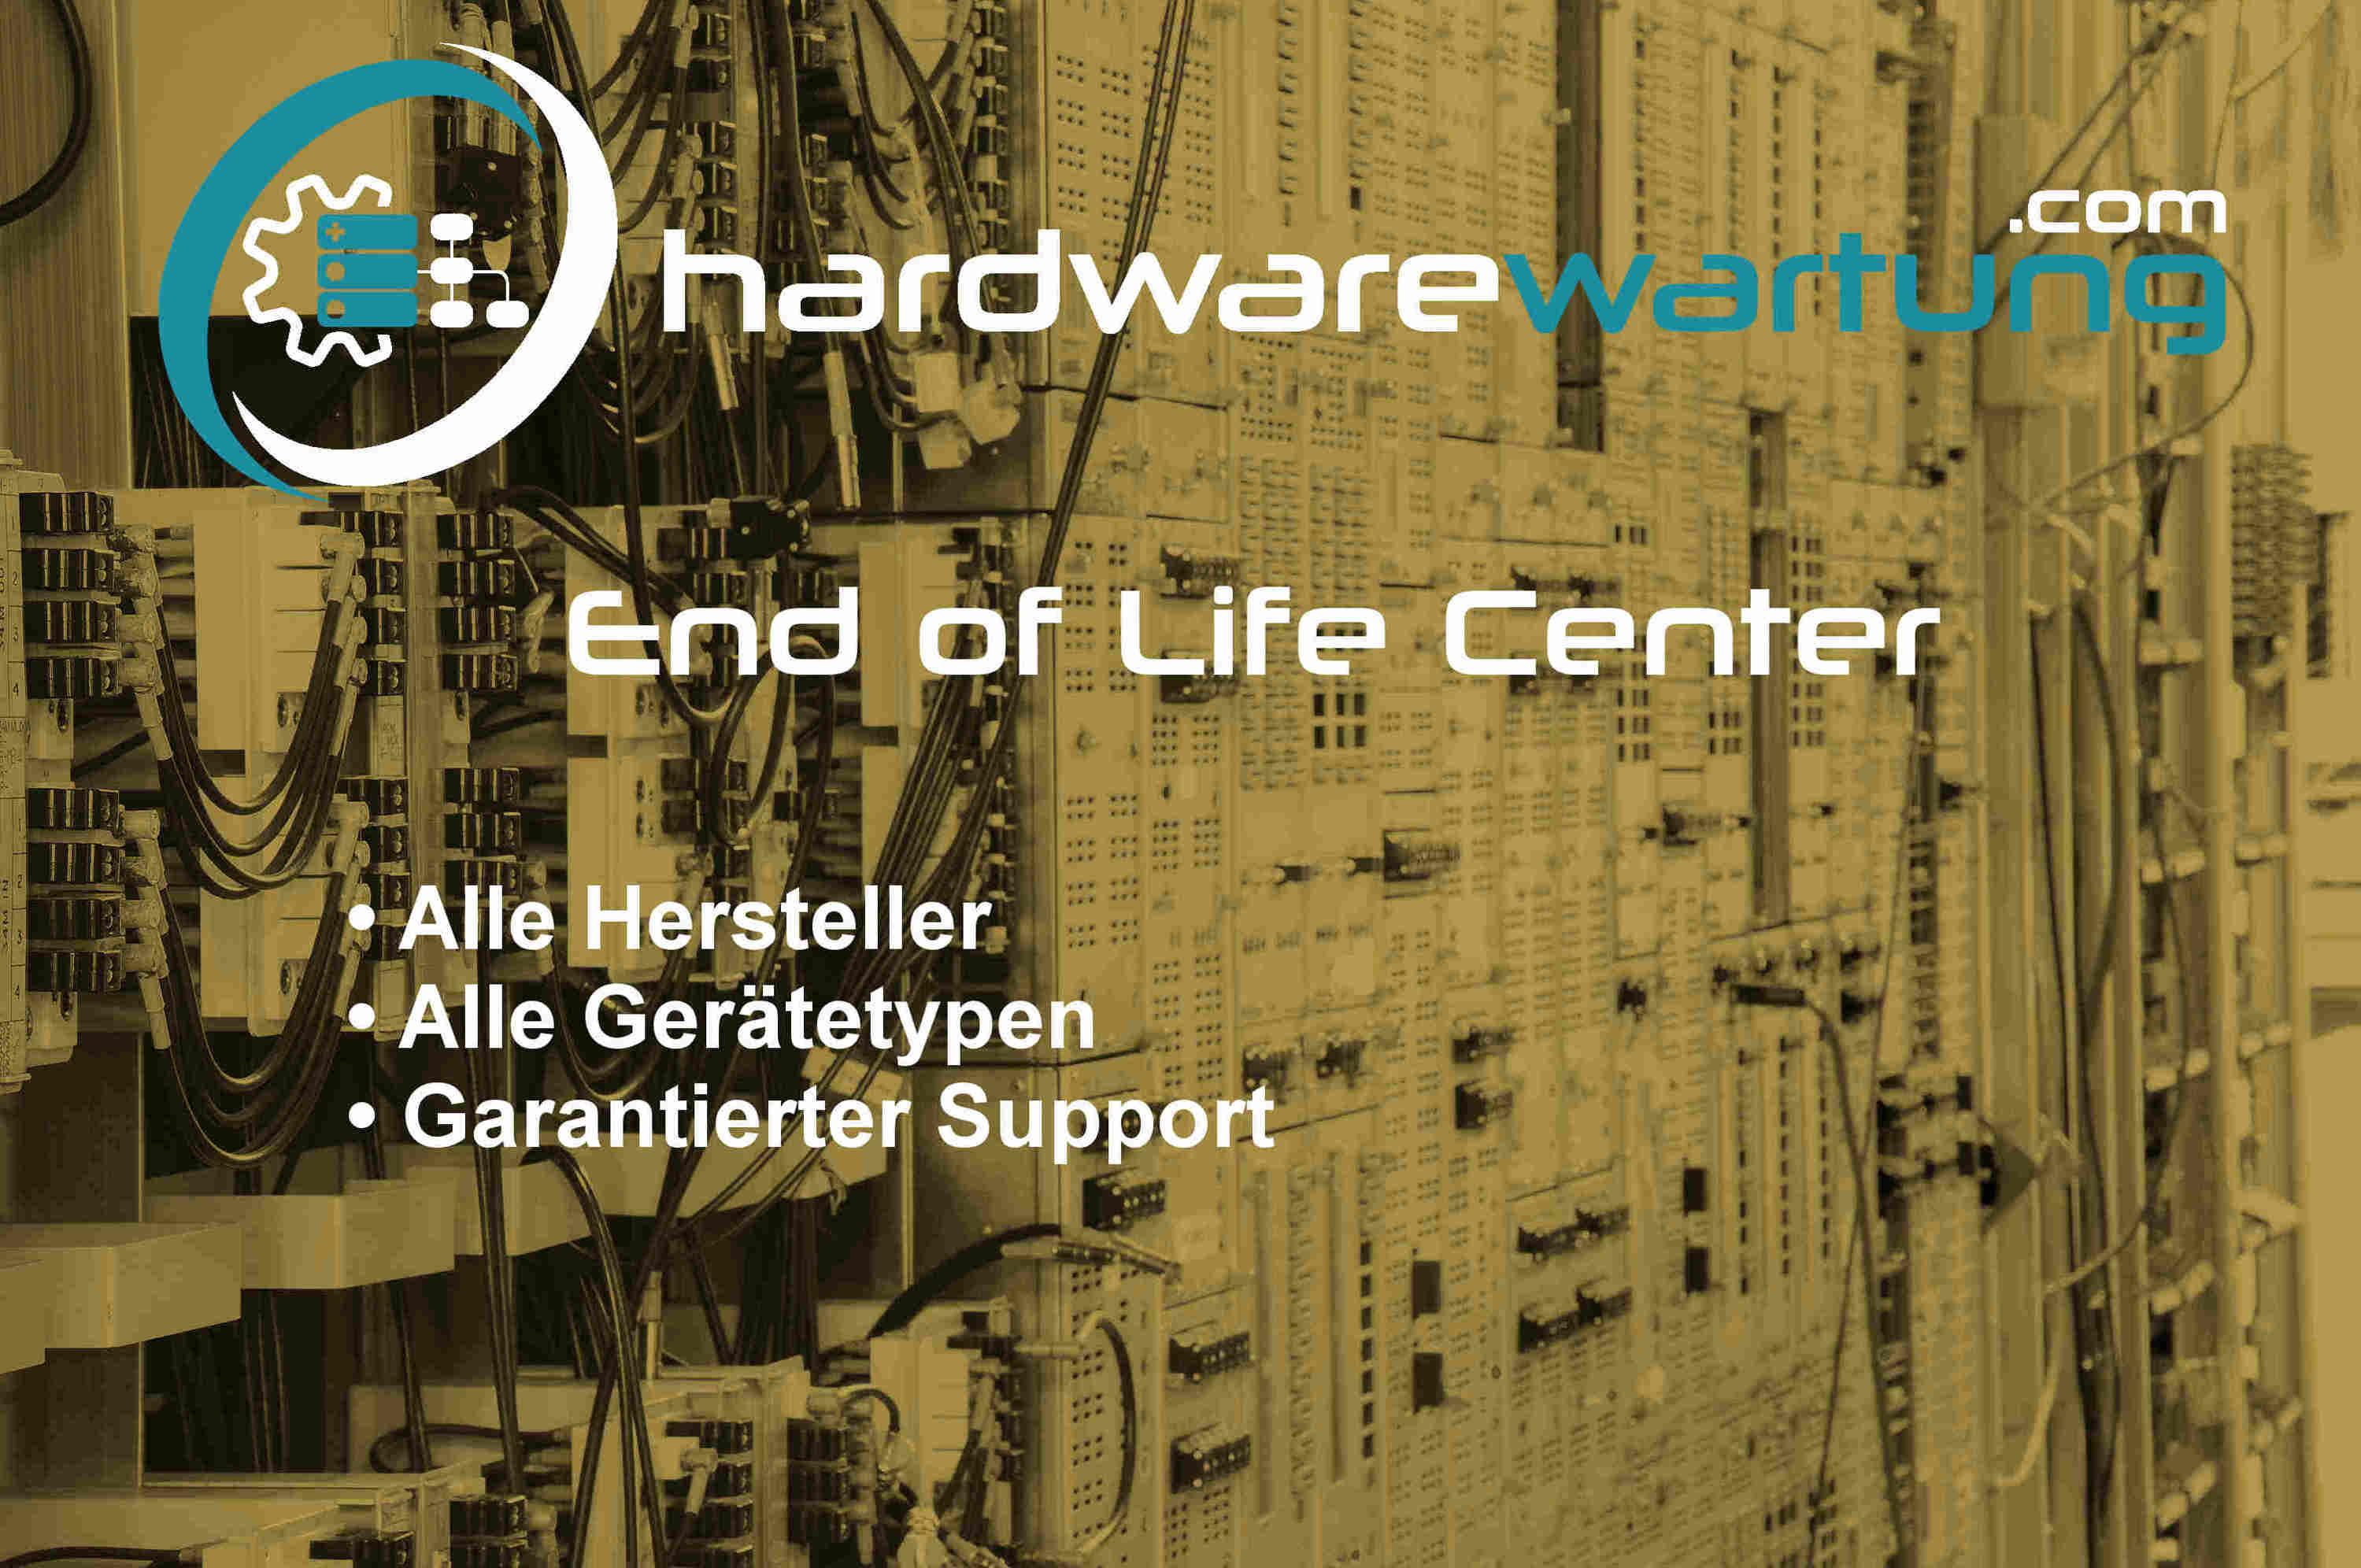 Hardwarewartung.com eine Marke von Change-IT